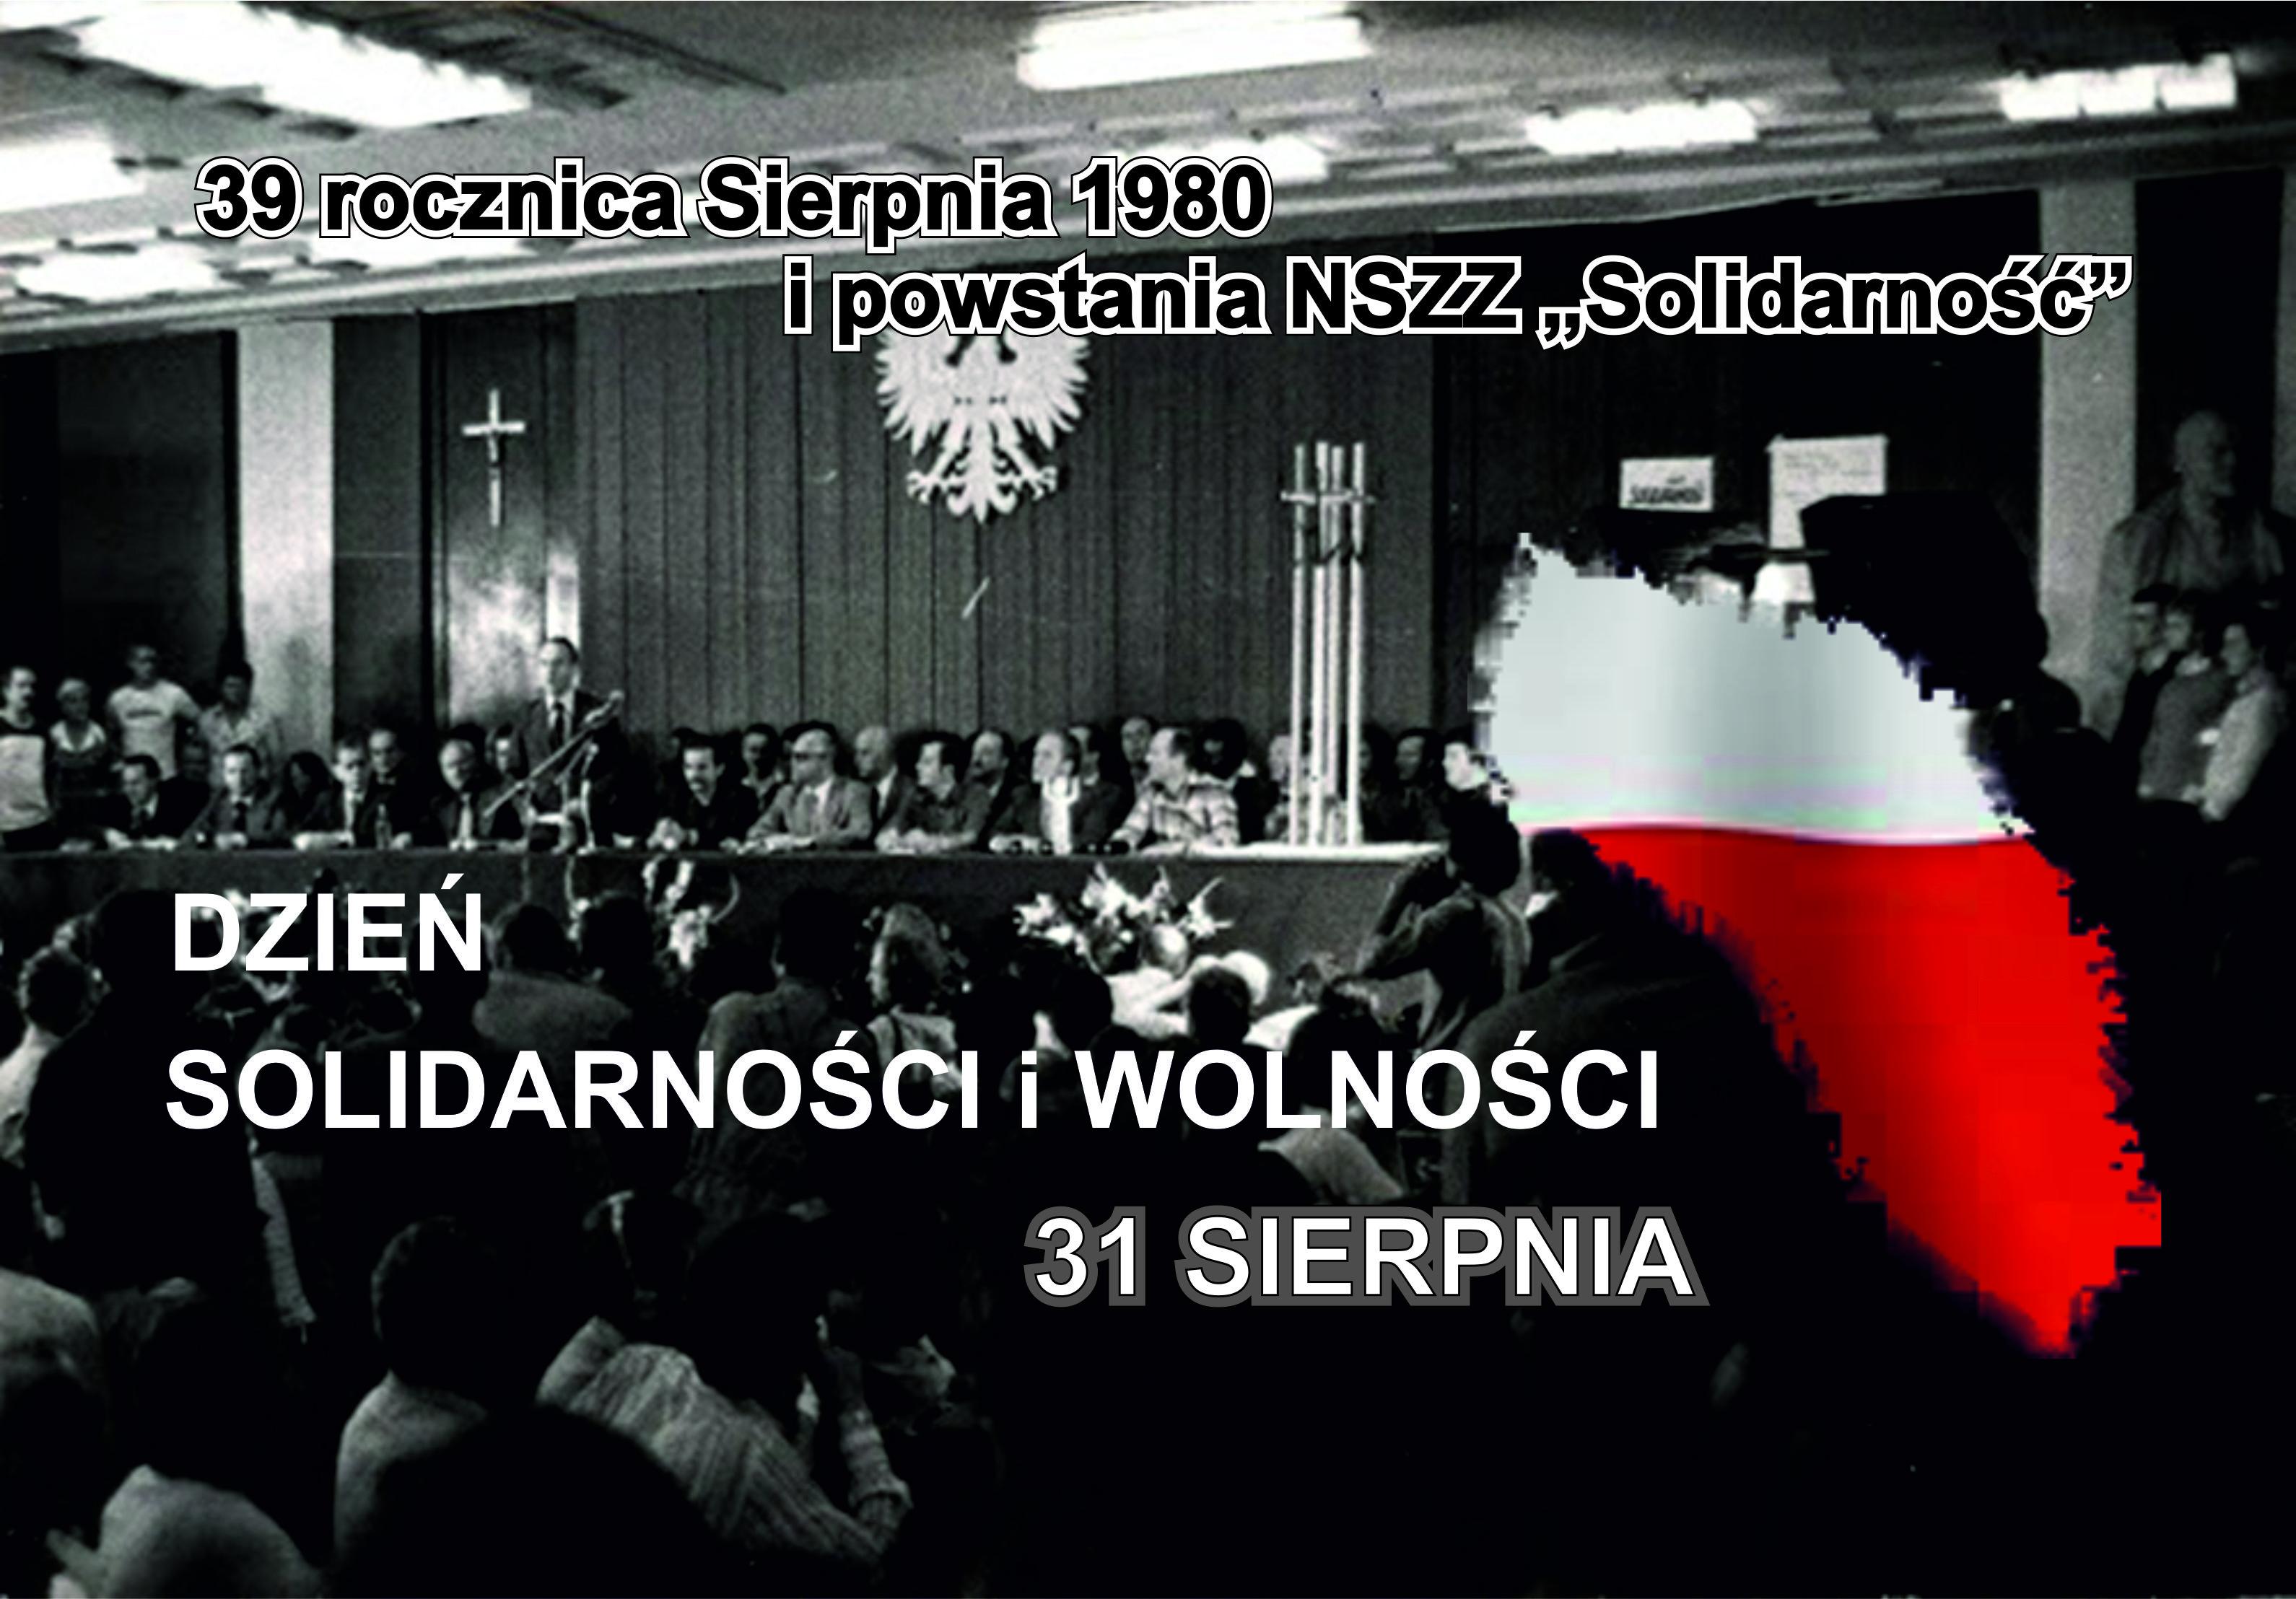 39 rocznica Sierpnia 80 i powstania NSZZ Solidarność